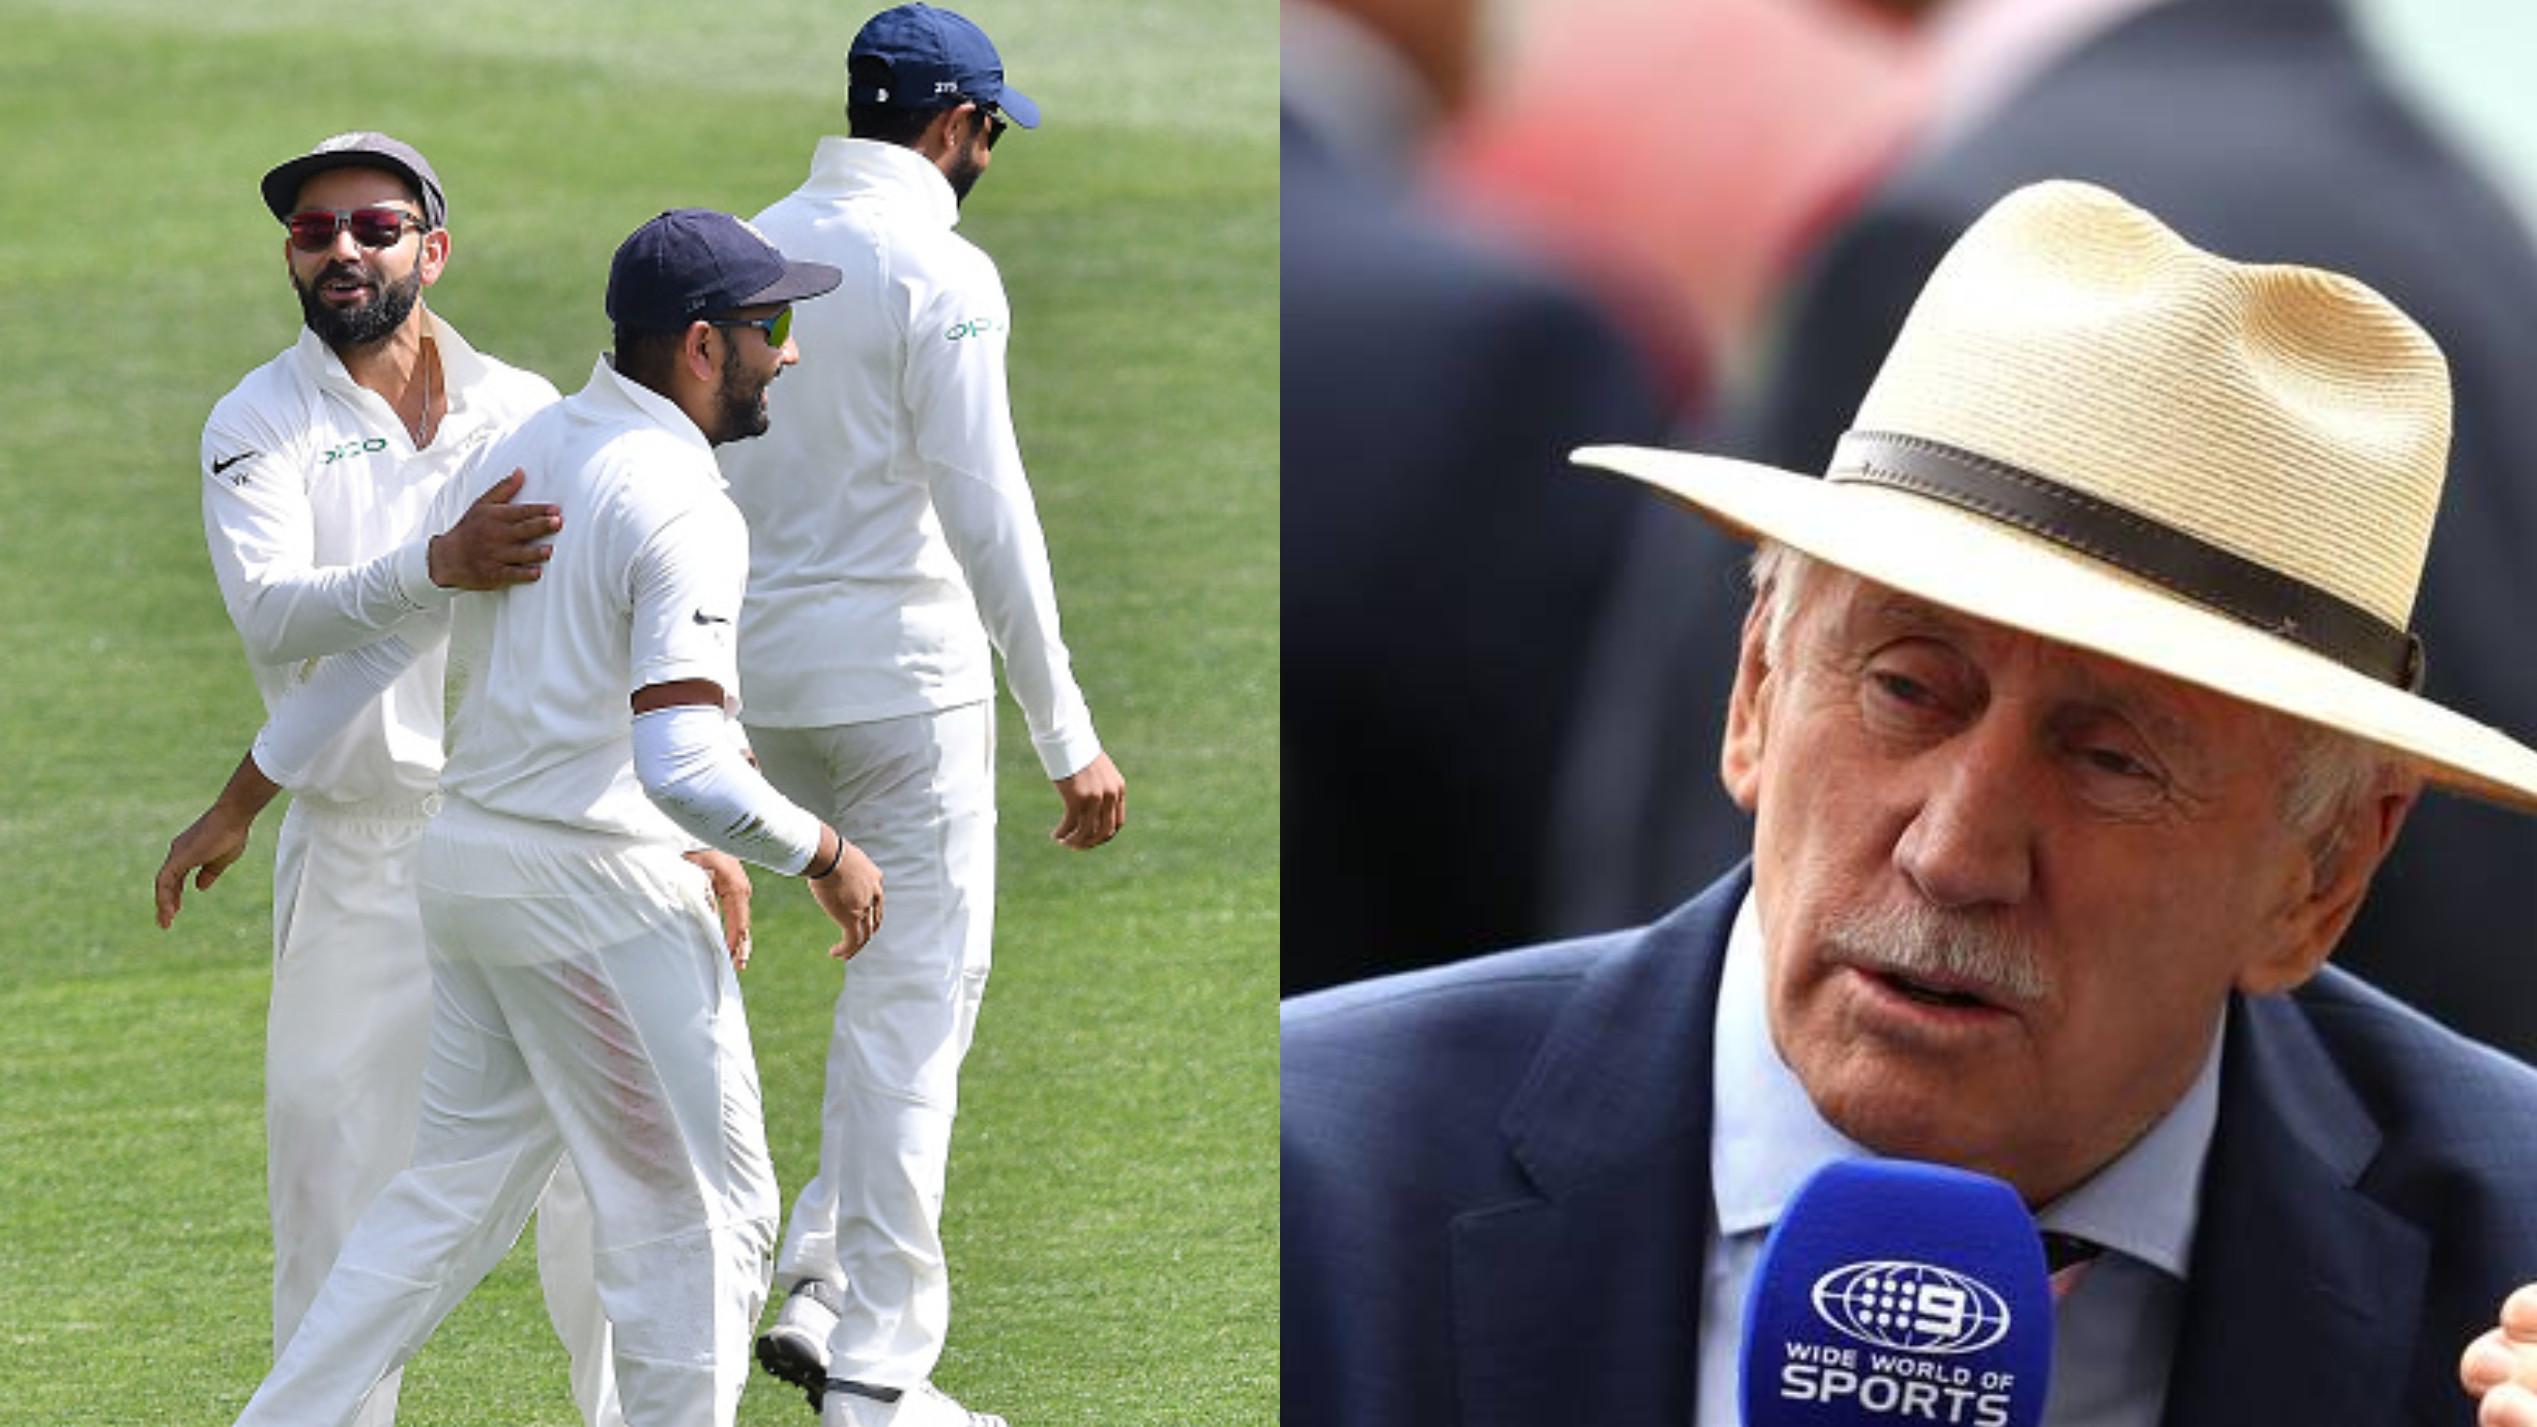 AUS v IND 2018-19: इयान चैपल के अनुसार विराट कोहली आधुनिक कप्तानों की तरह बल्लेबाजों को आसान सिंगल्स देते हैं